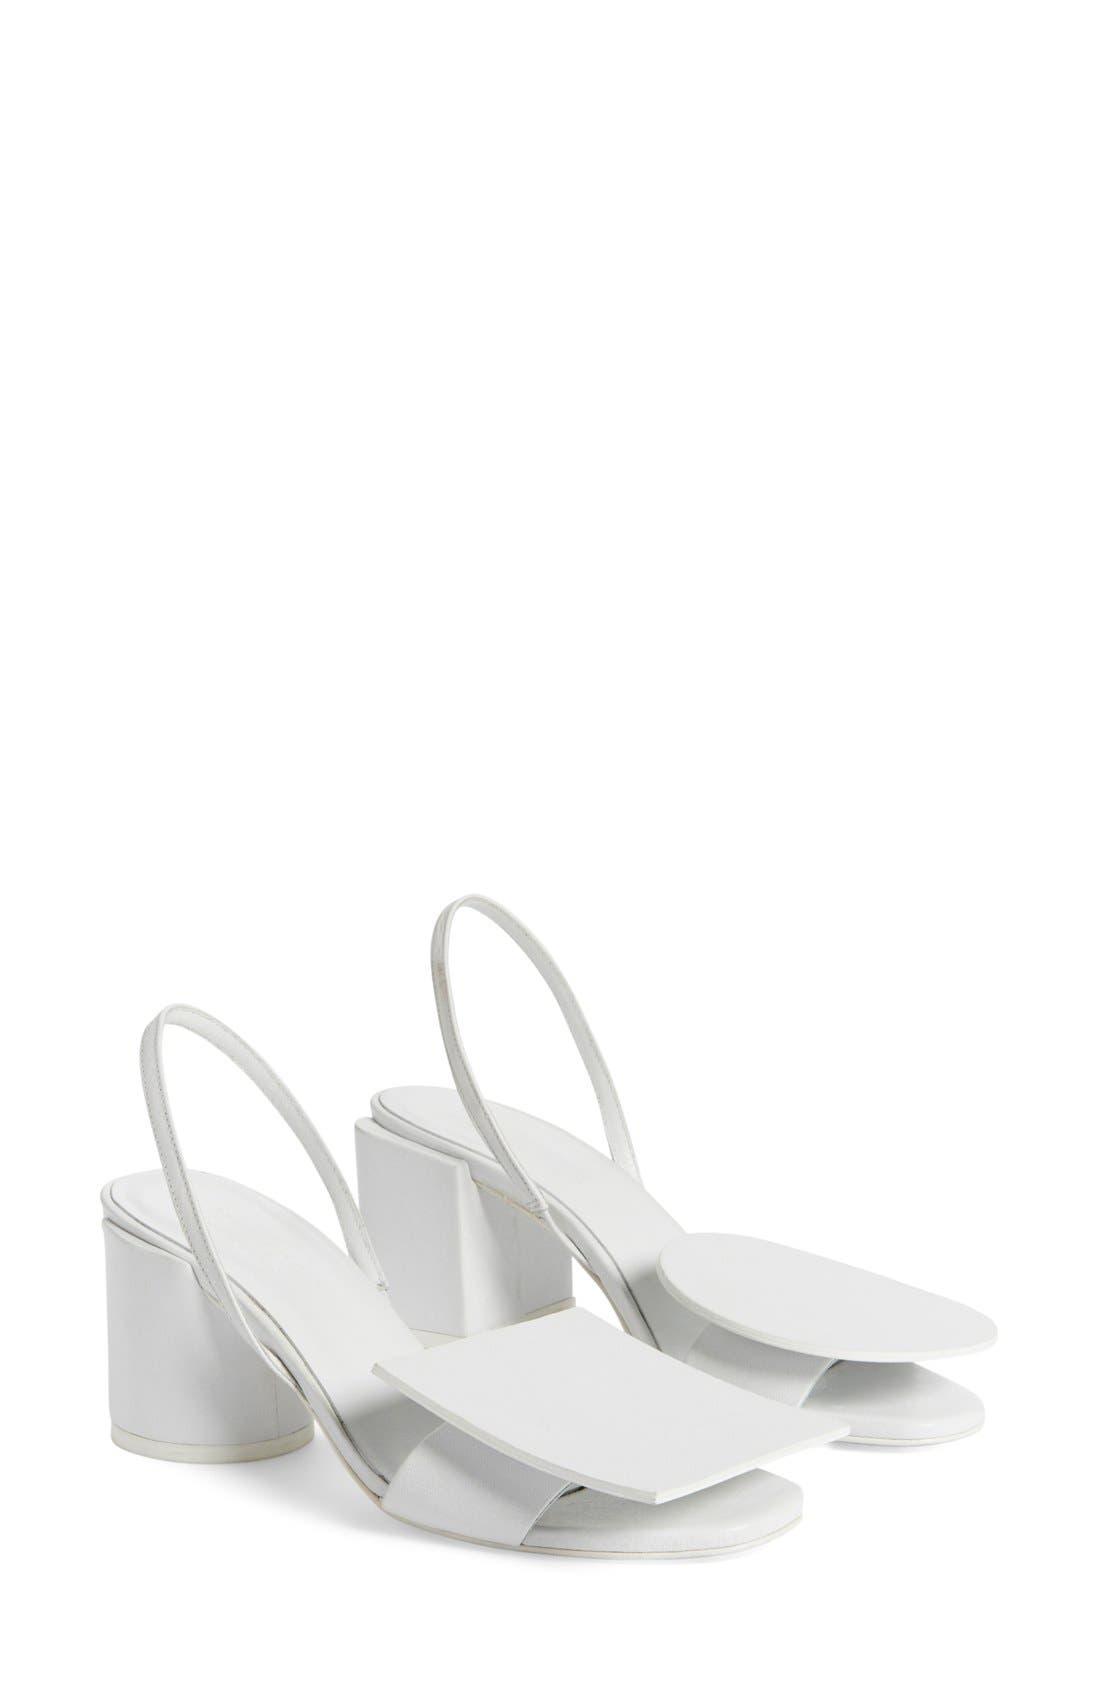 Main Image - Jacquemus 'Rond Carré' Slingback Sandal (Women)